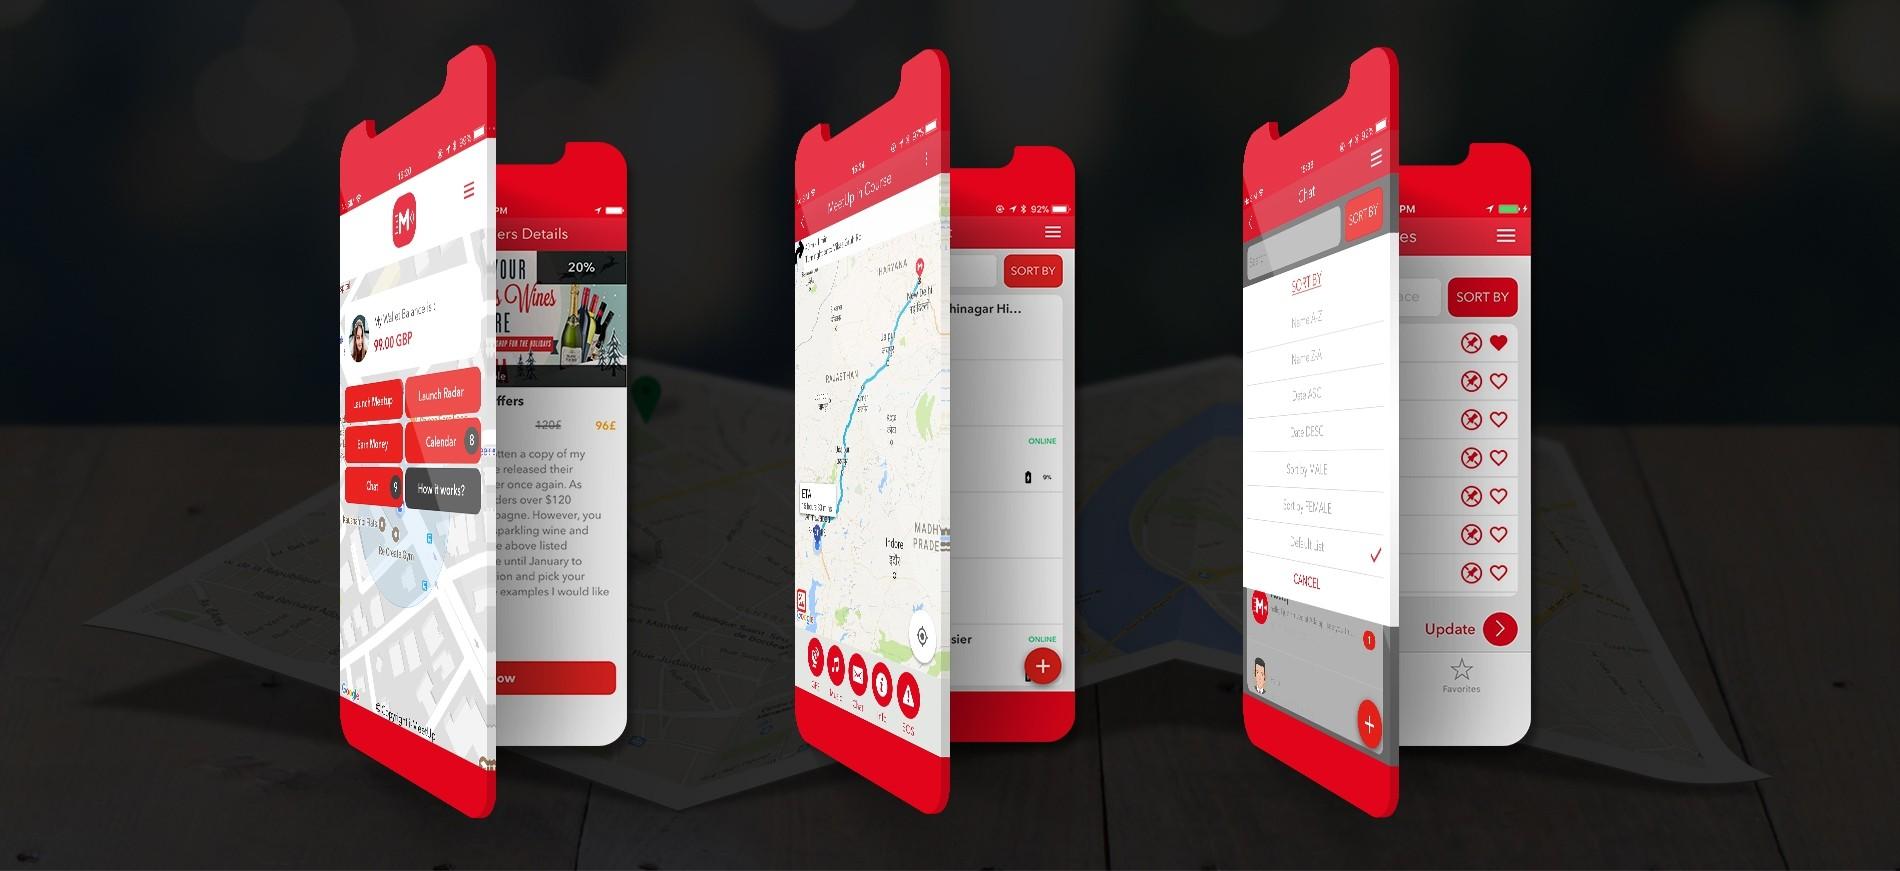 i-meetup-screens-2